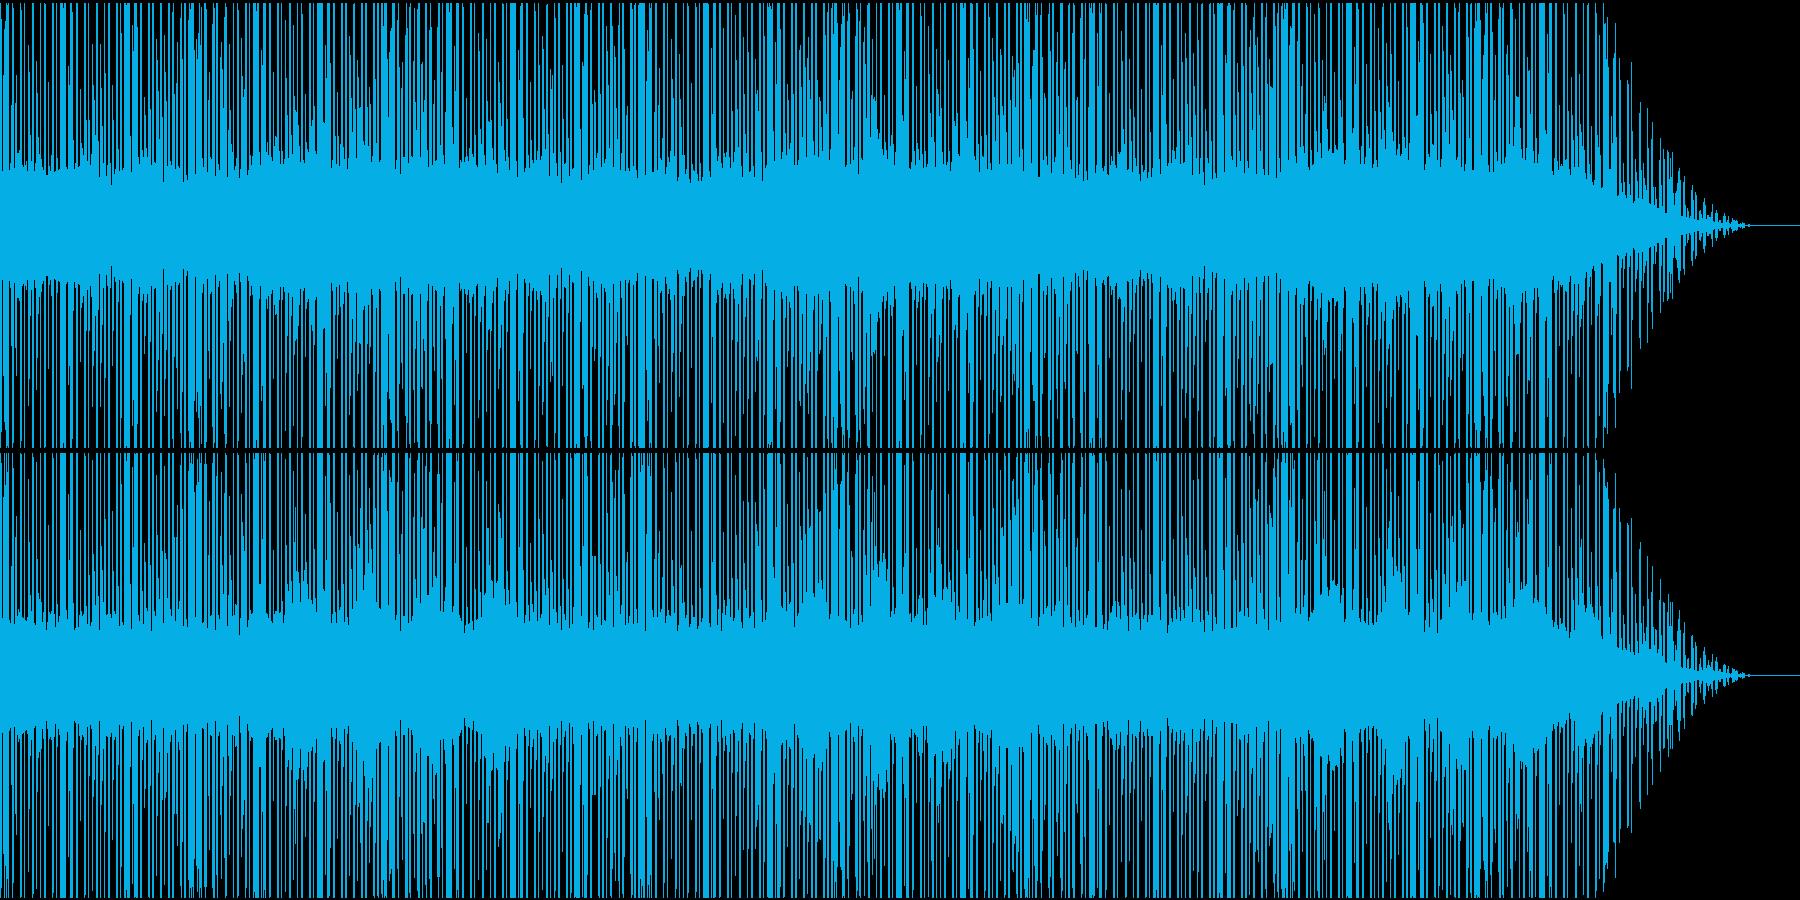 もの悲しげな電子音が絡む曲の再生済みの波形